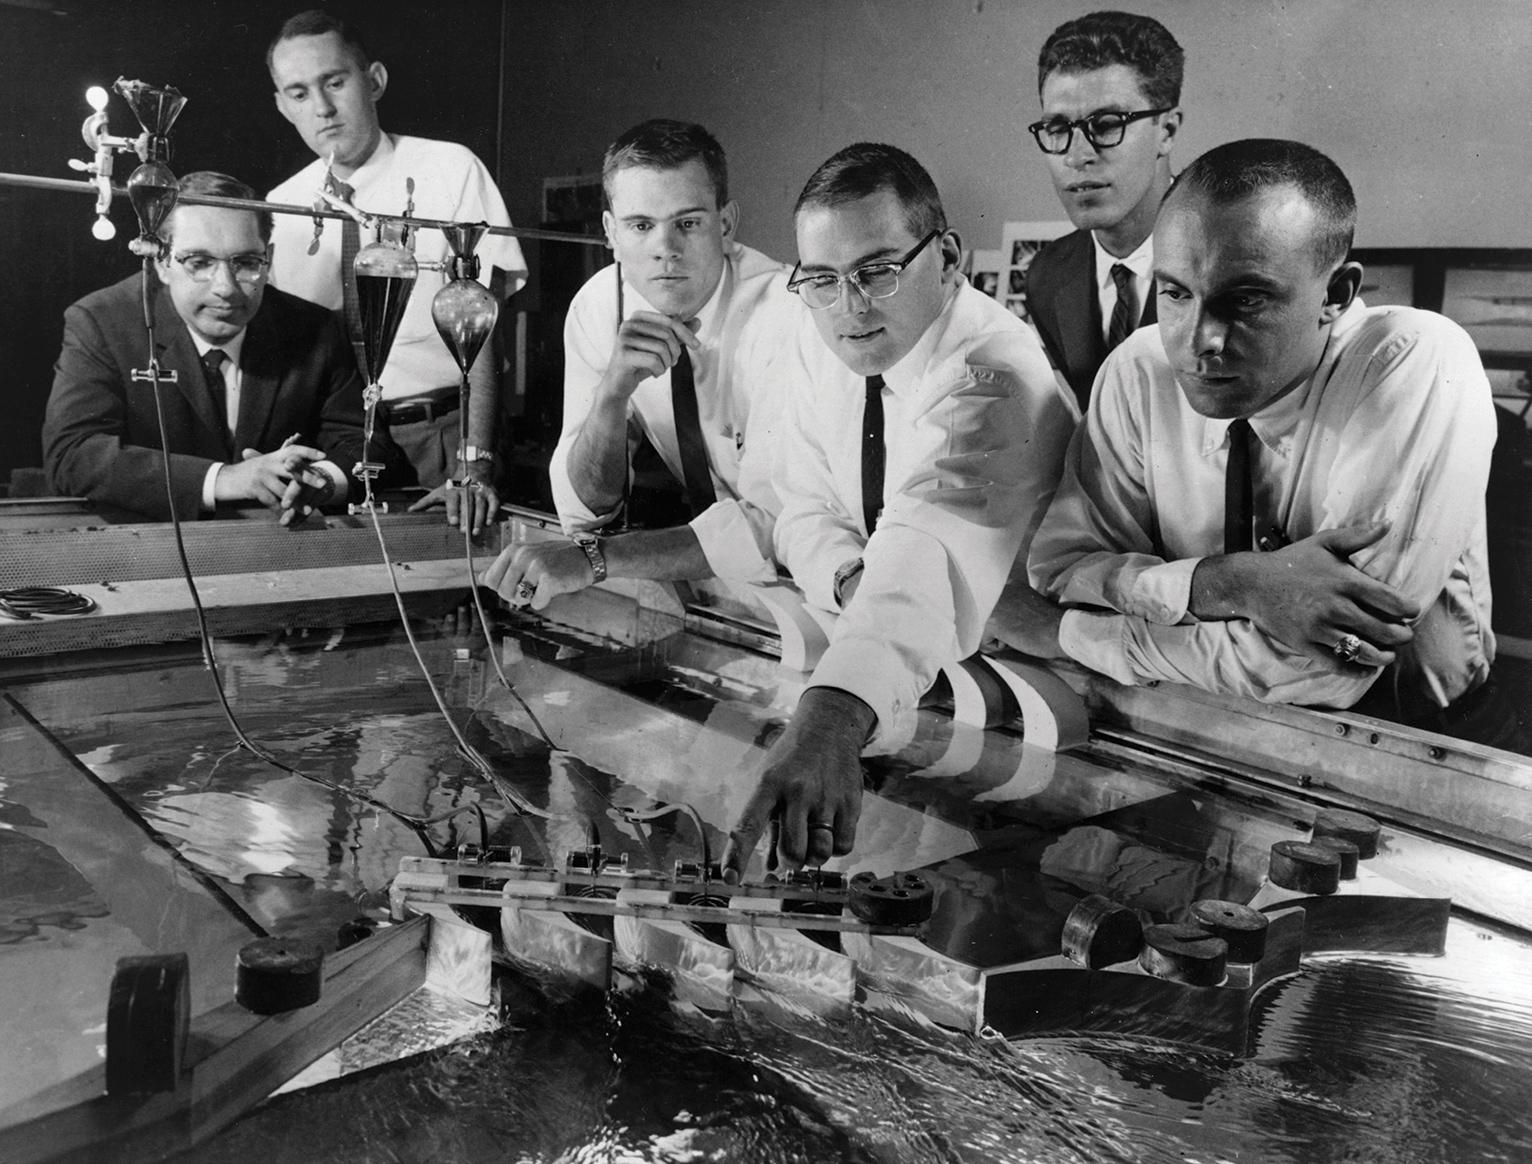 El 20 de marzo de 1969, los investigadores de GE estudiaron el flujo de gases, invisibles en su estado natural, mediante la creación de simulaciones en un dispositivo llamado tabla de agua de trabajo, donde las corrientes se observaron mediante el uso de tintes.